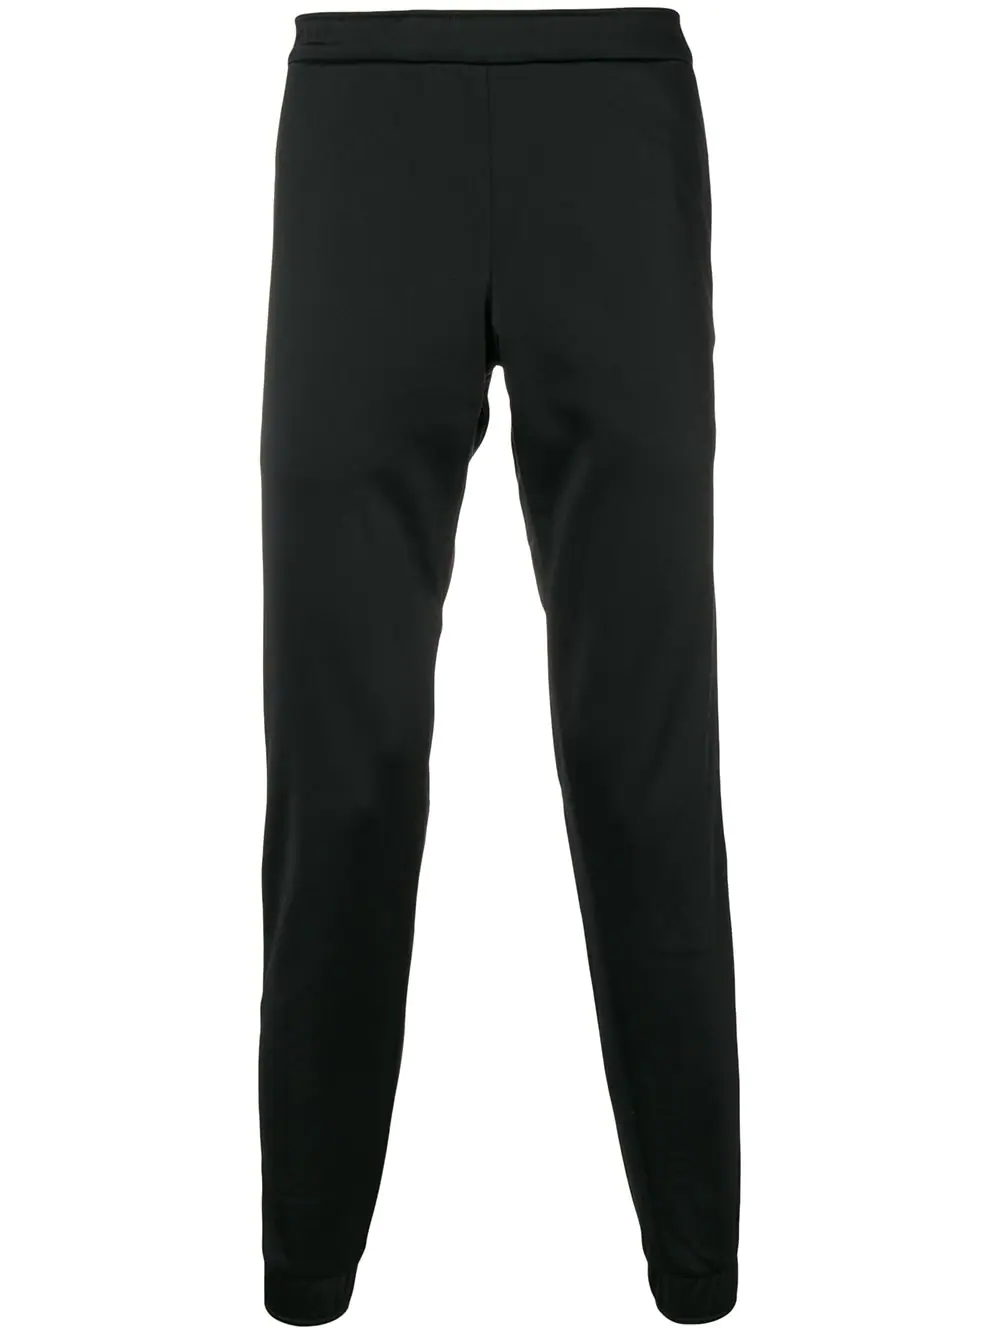 Astrid Andersen | спортивные брюки с отделкой в шотландскую клетку | Clouty